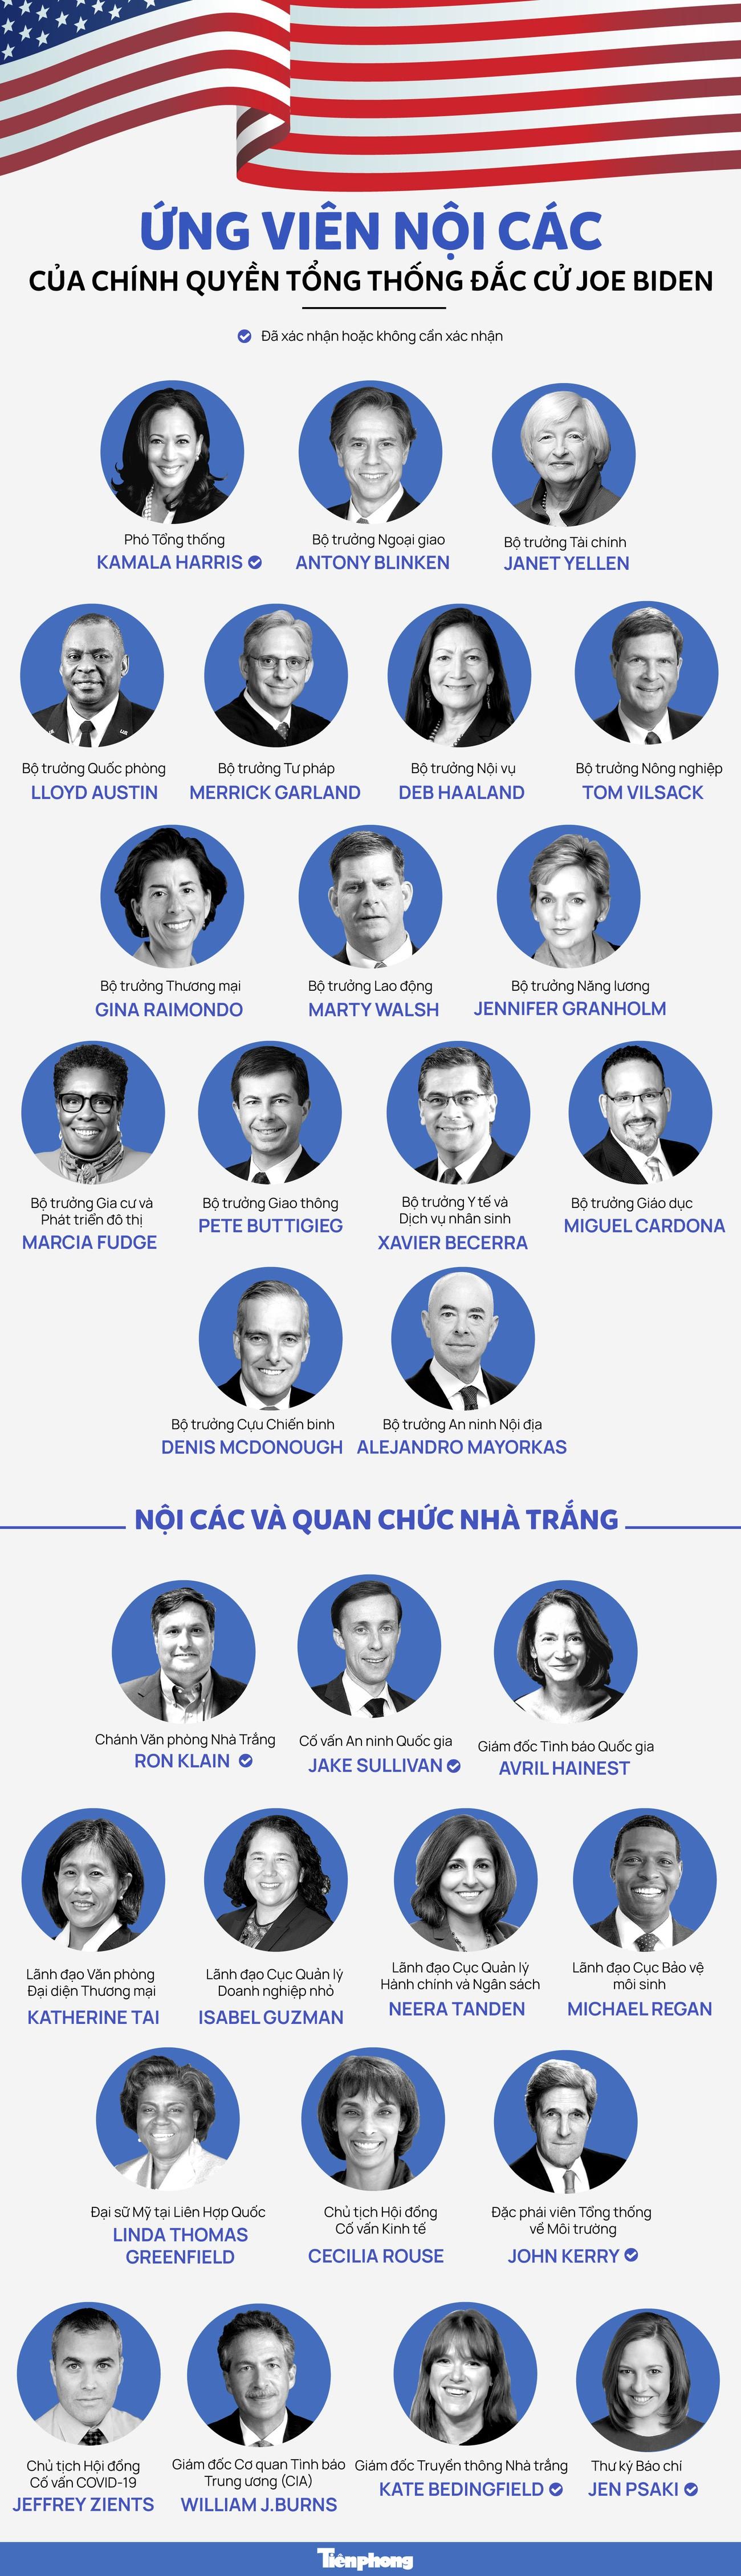 Ứng viên nội các của chính quyền Tổng thống đắc cử Joe Biden ảnh 1